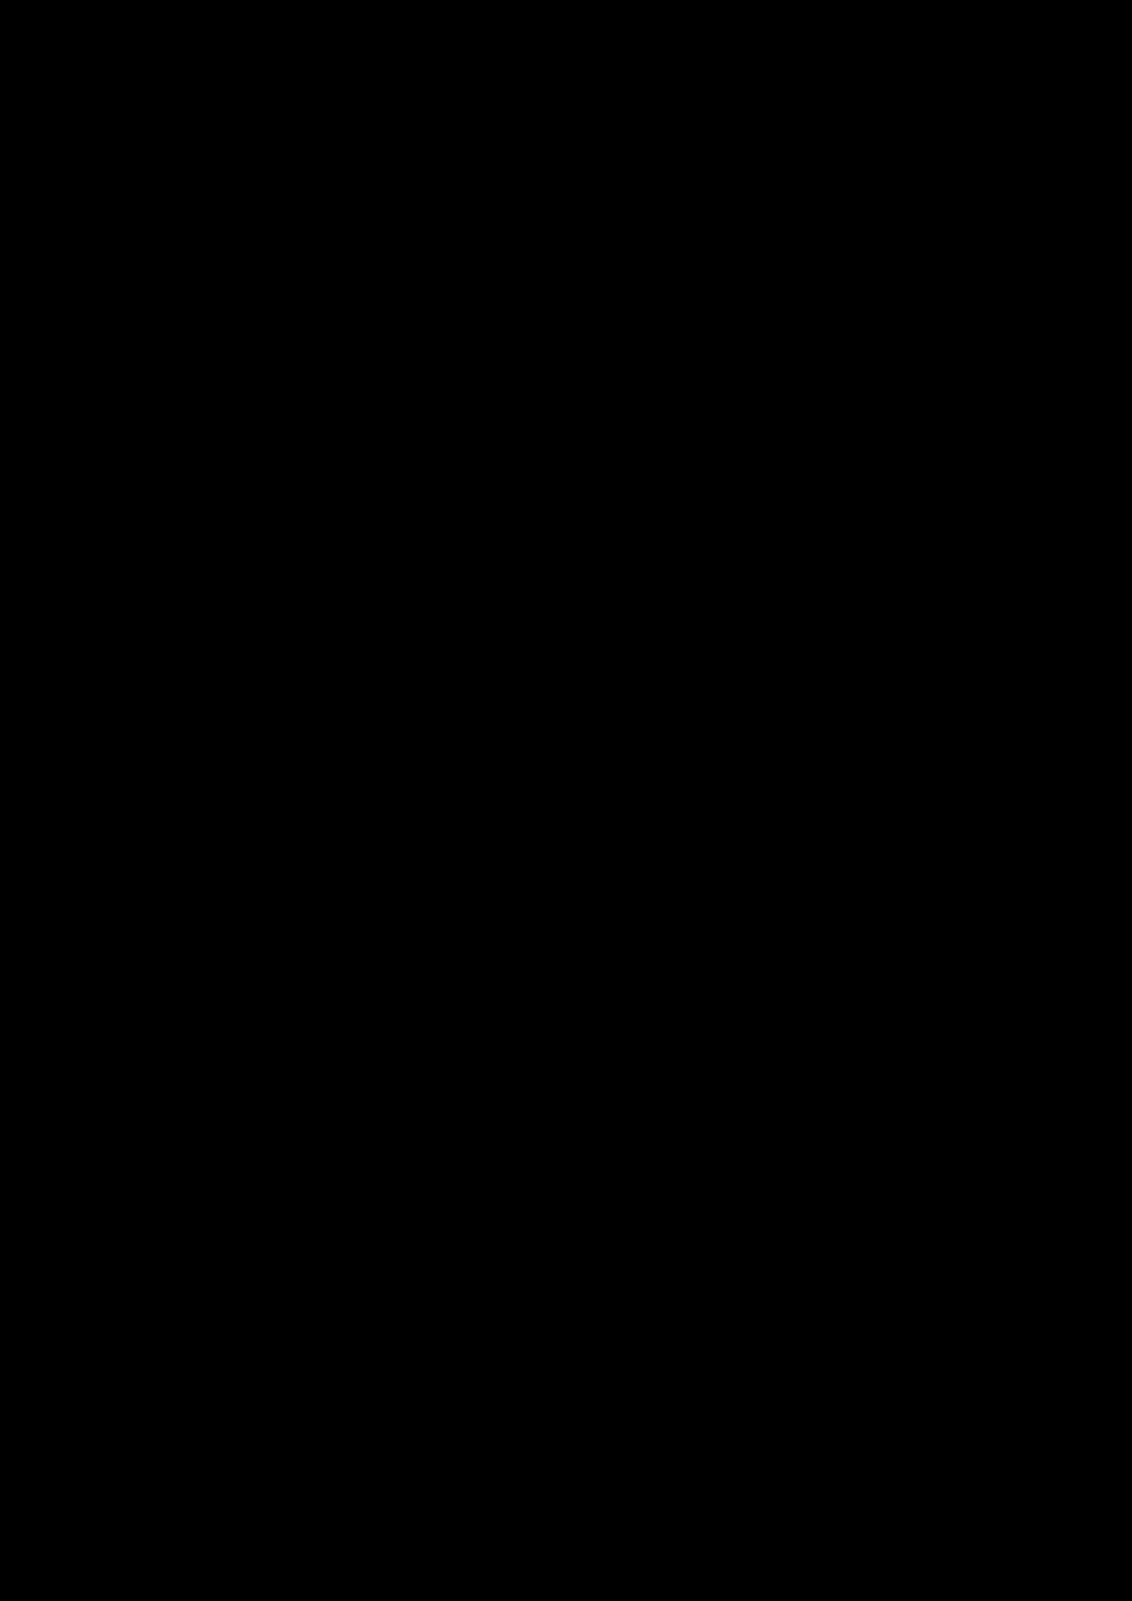 Zagadka volshebnoy stranyi slide, Image 90